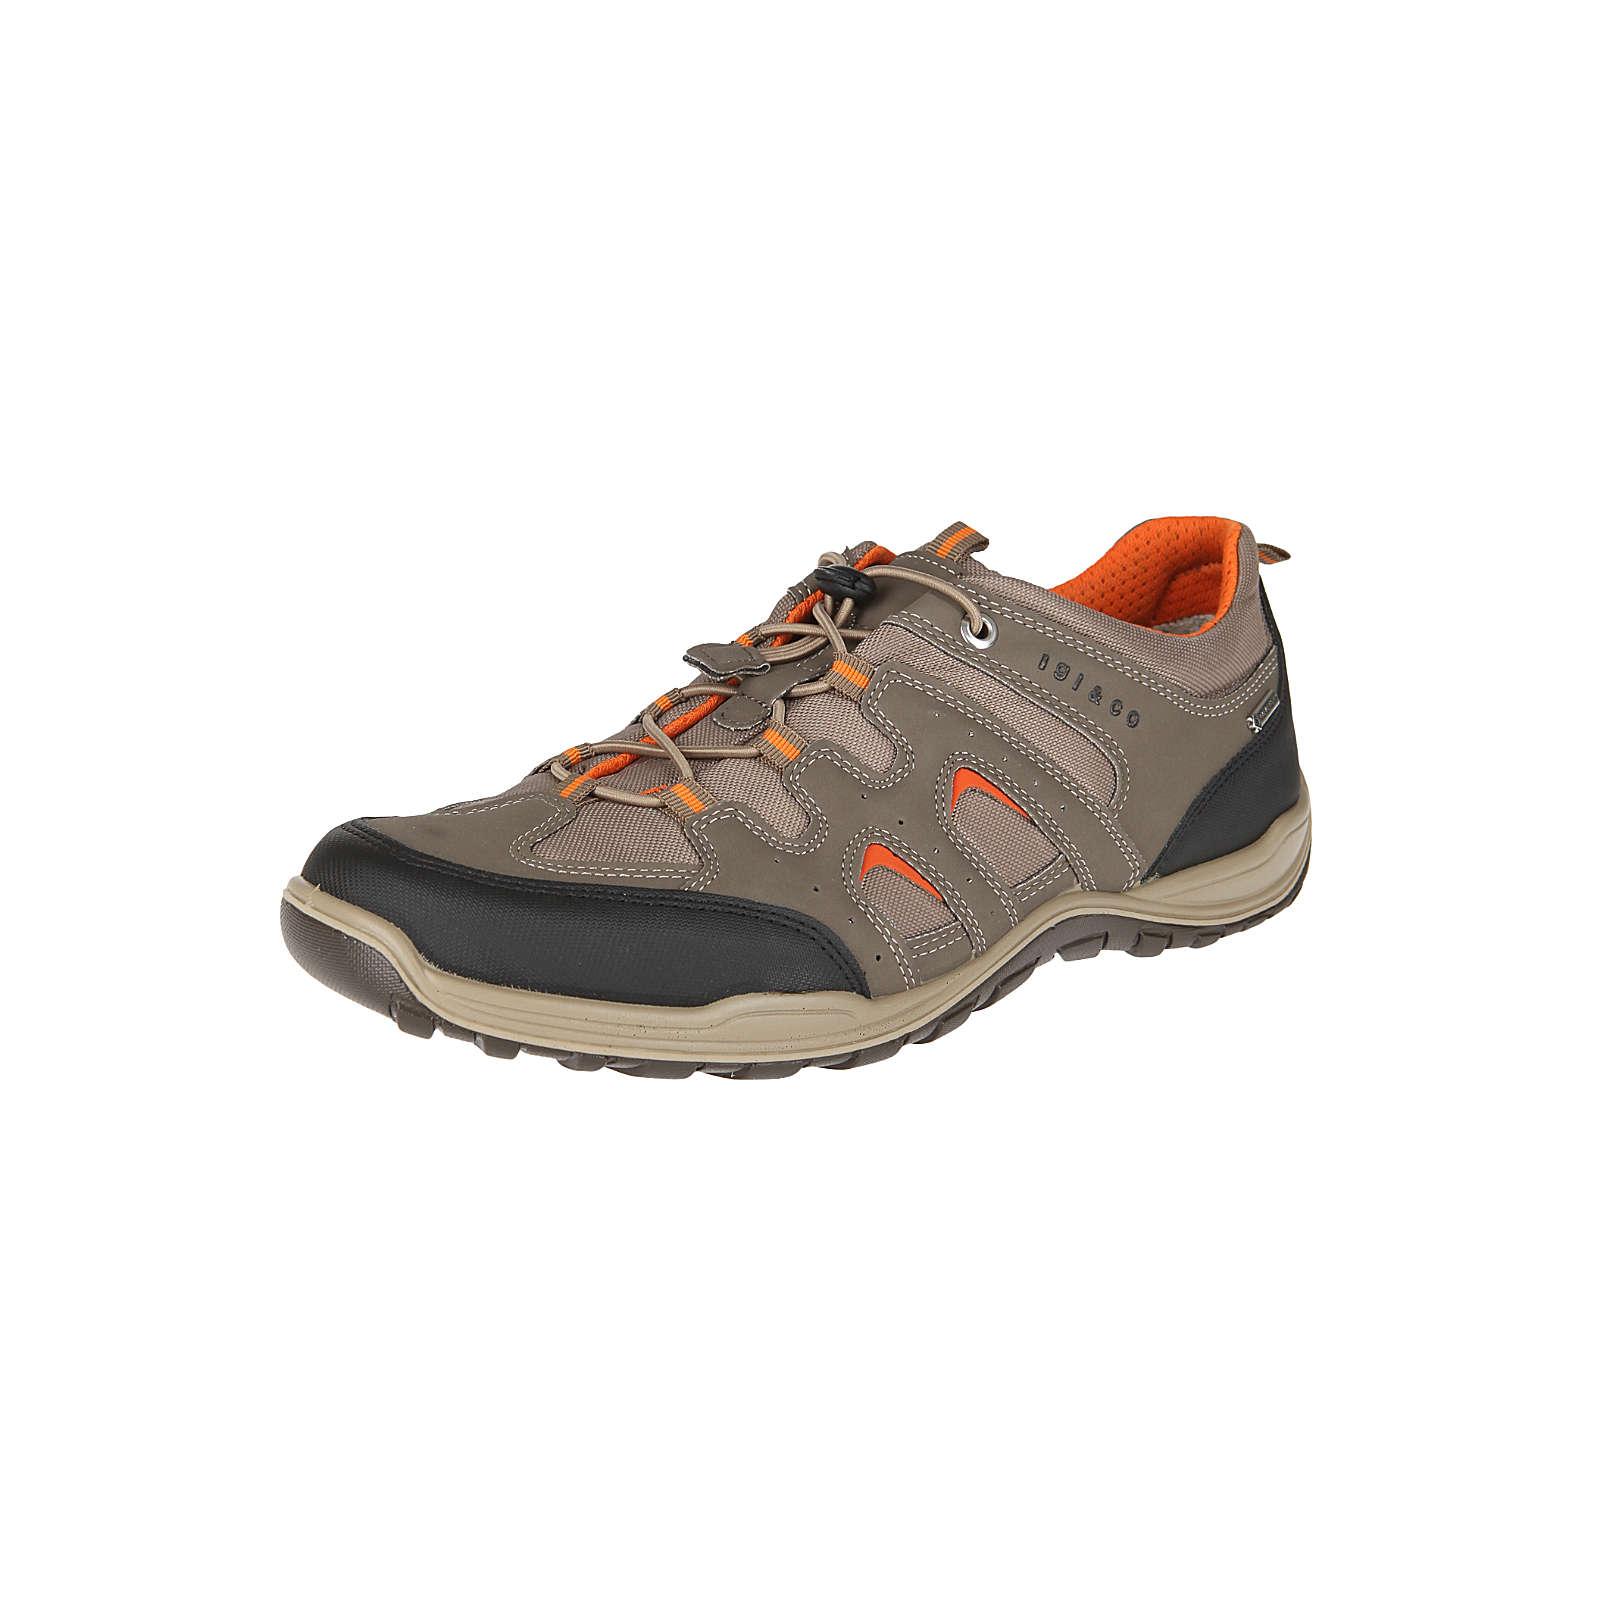 IGI & CO Sneaker mit Gore-Tex® Sneakers Low beige Herren Gr. 46